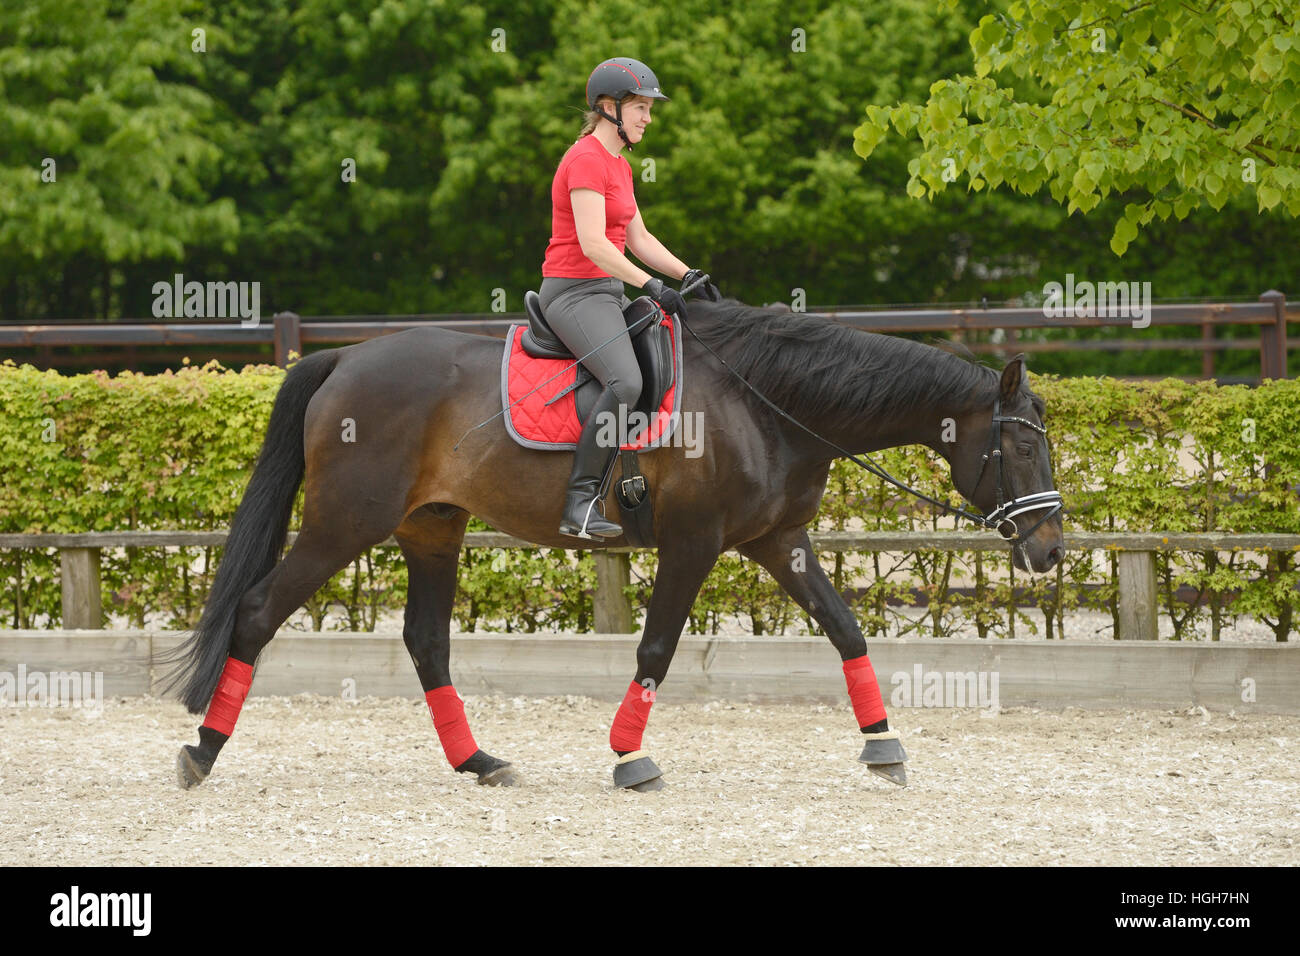 Rider on Trakehnen horse doing flatwork - Stock Image